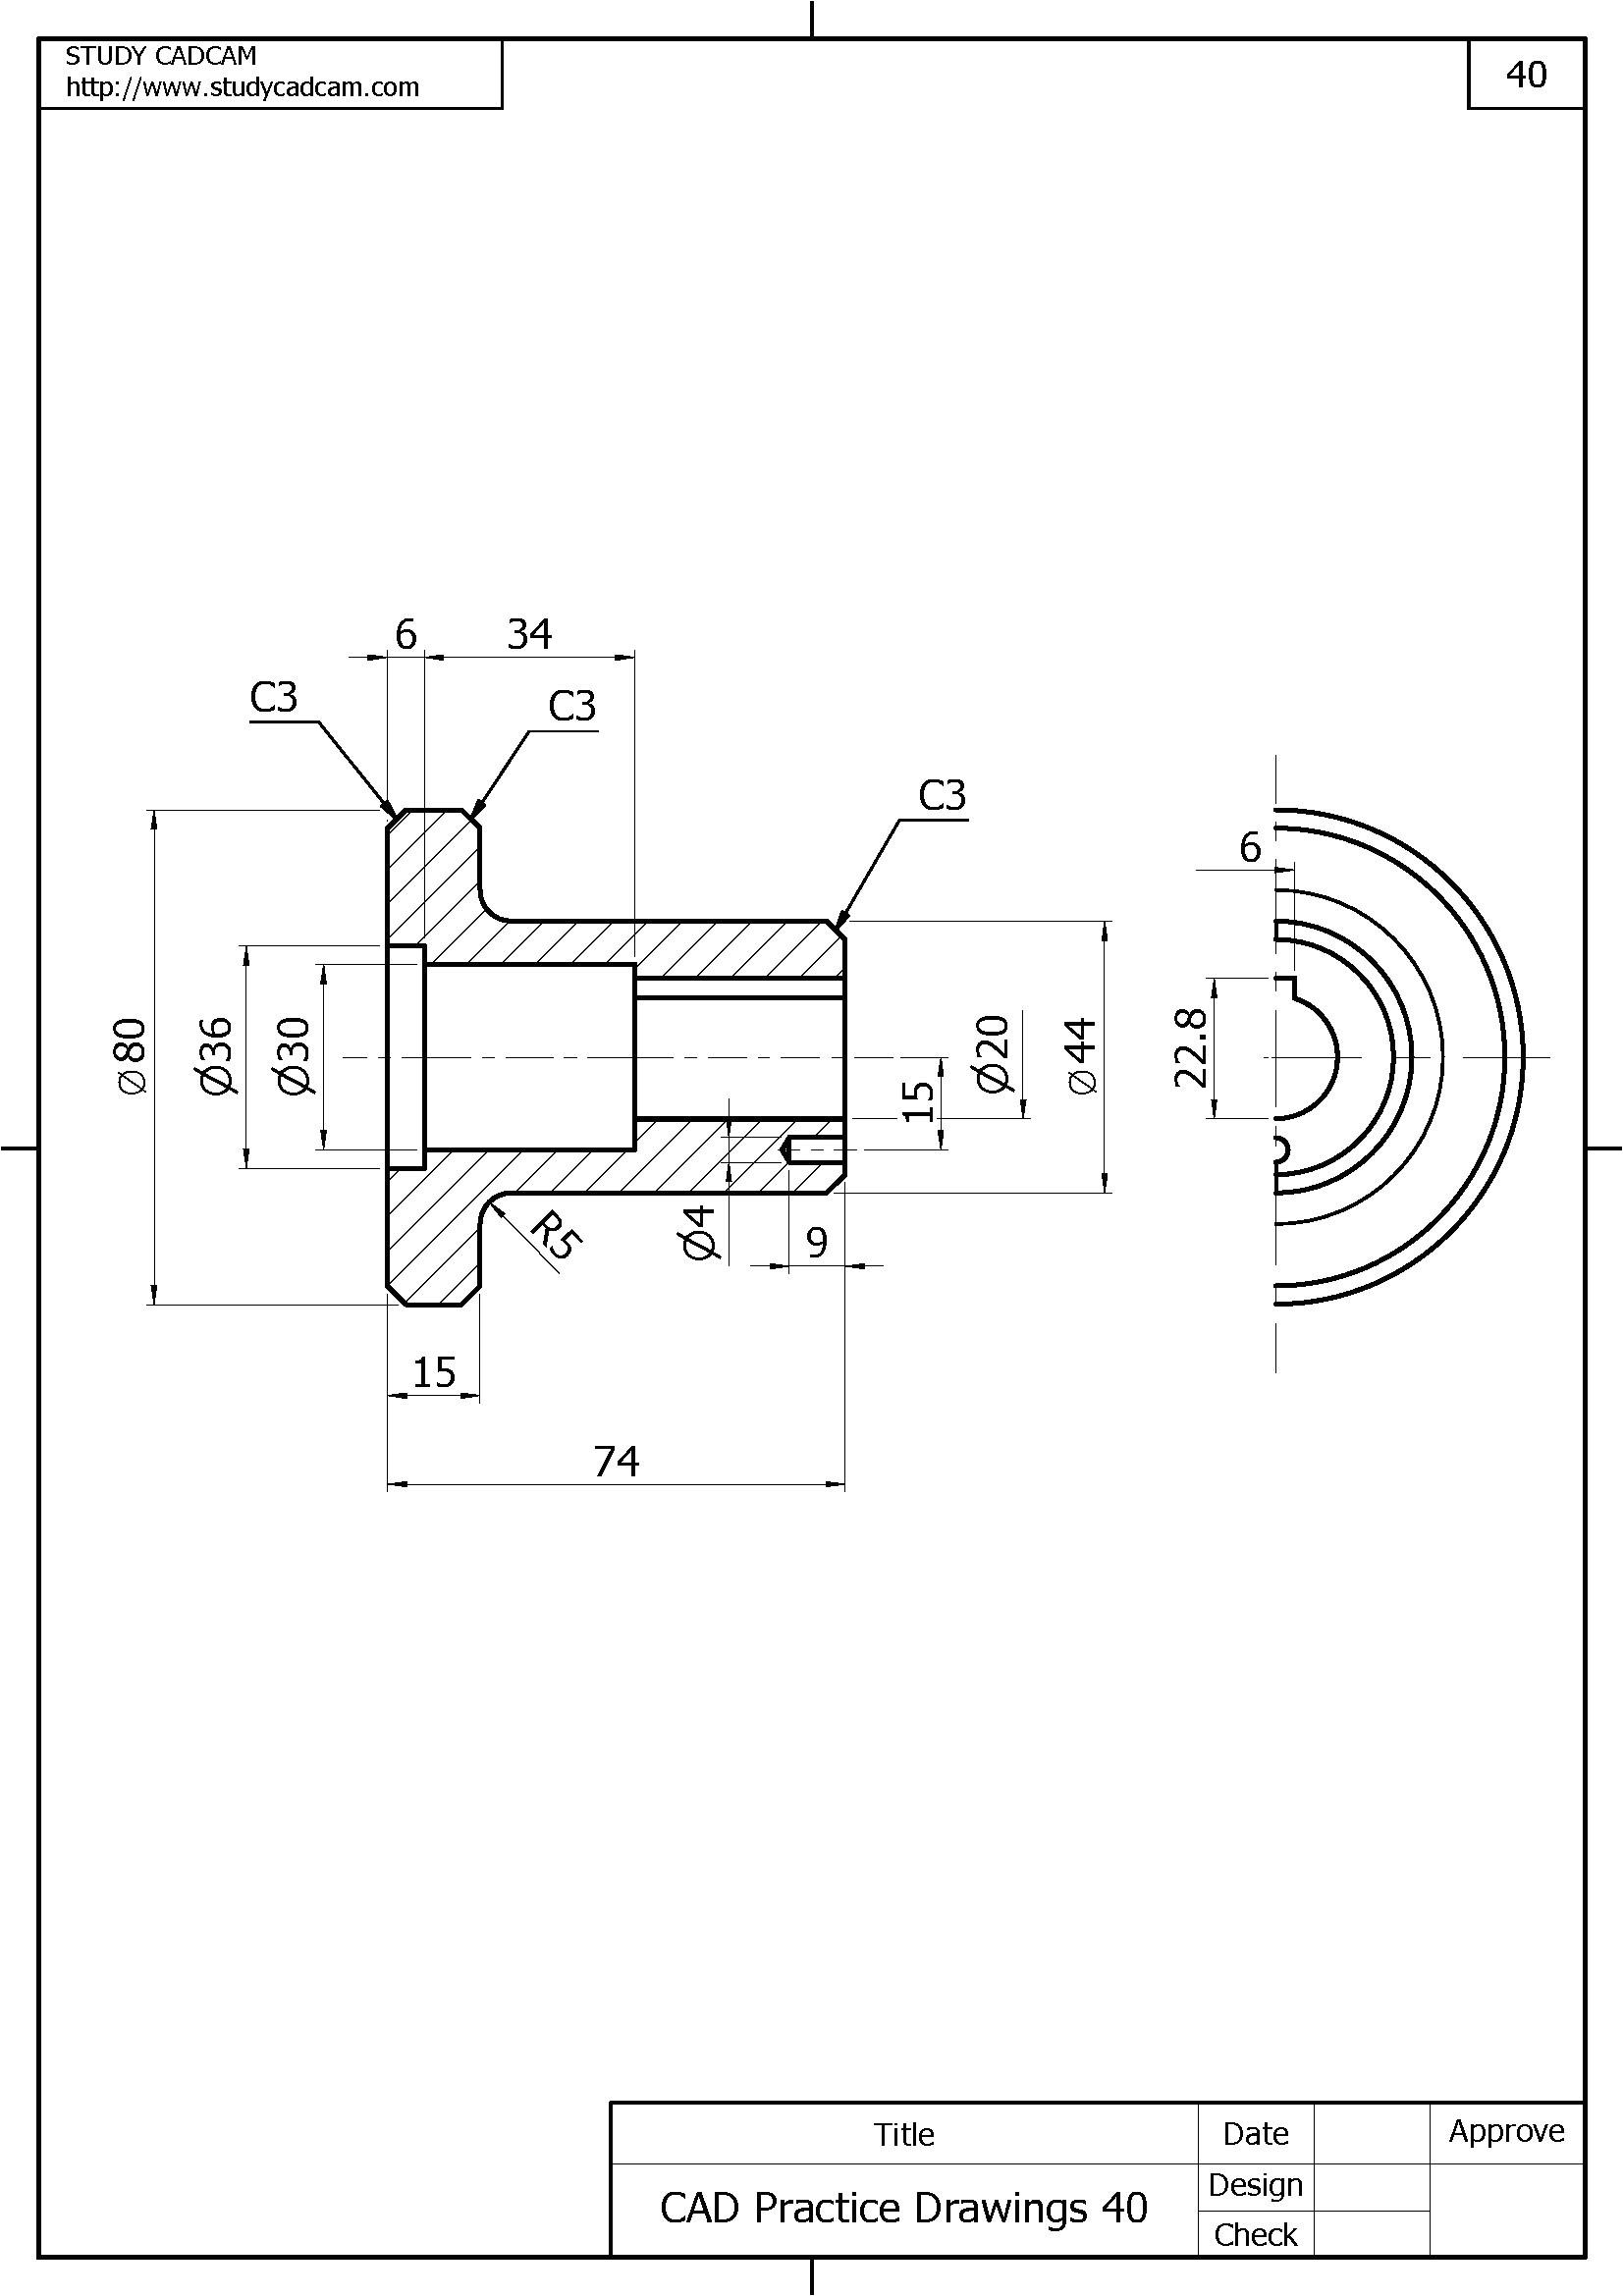 hvac wiring diagram sample